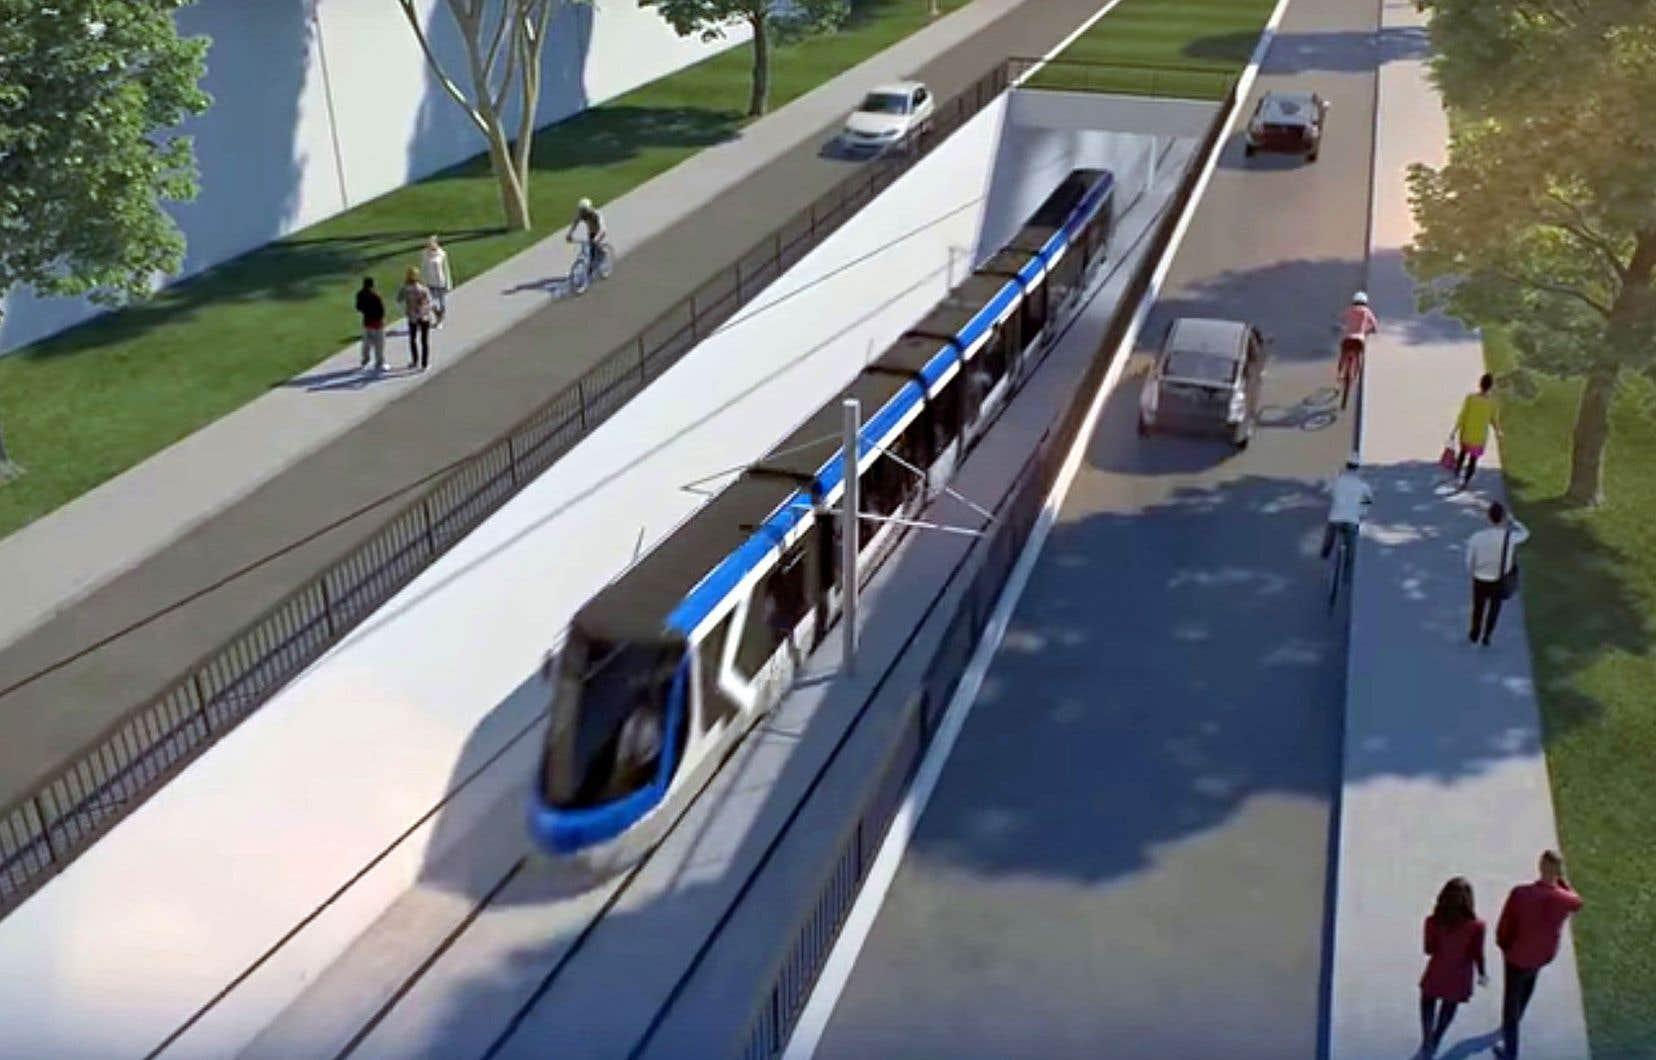 Le succès du futur tramway de Québec repose donc sur sa capacité à concurrencer l'automobile, en faisant migrer les automobilistes de la région de Québec vers le nouveau réseau de transport en commun, croit l'auteur.